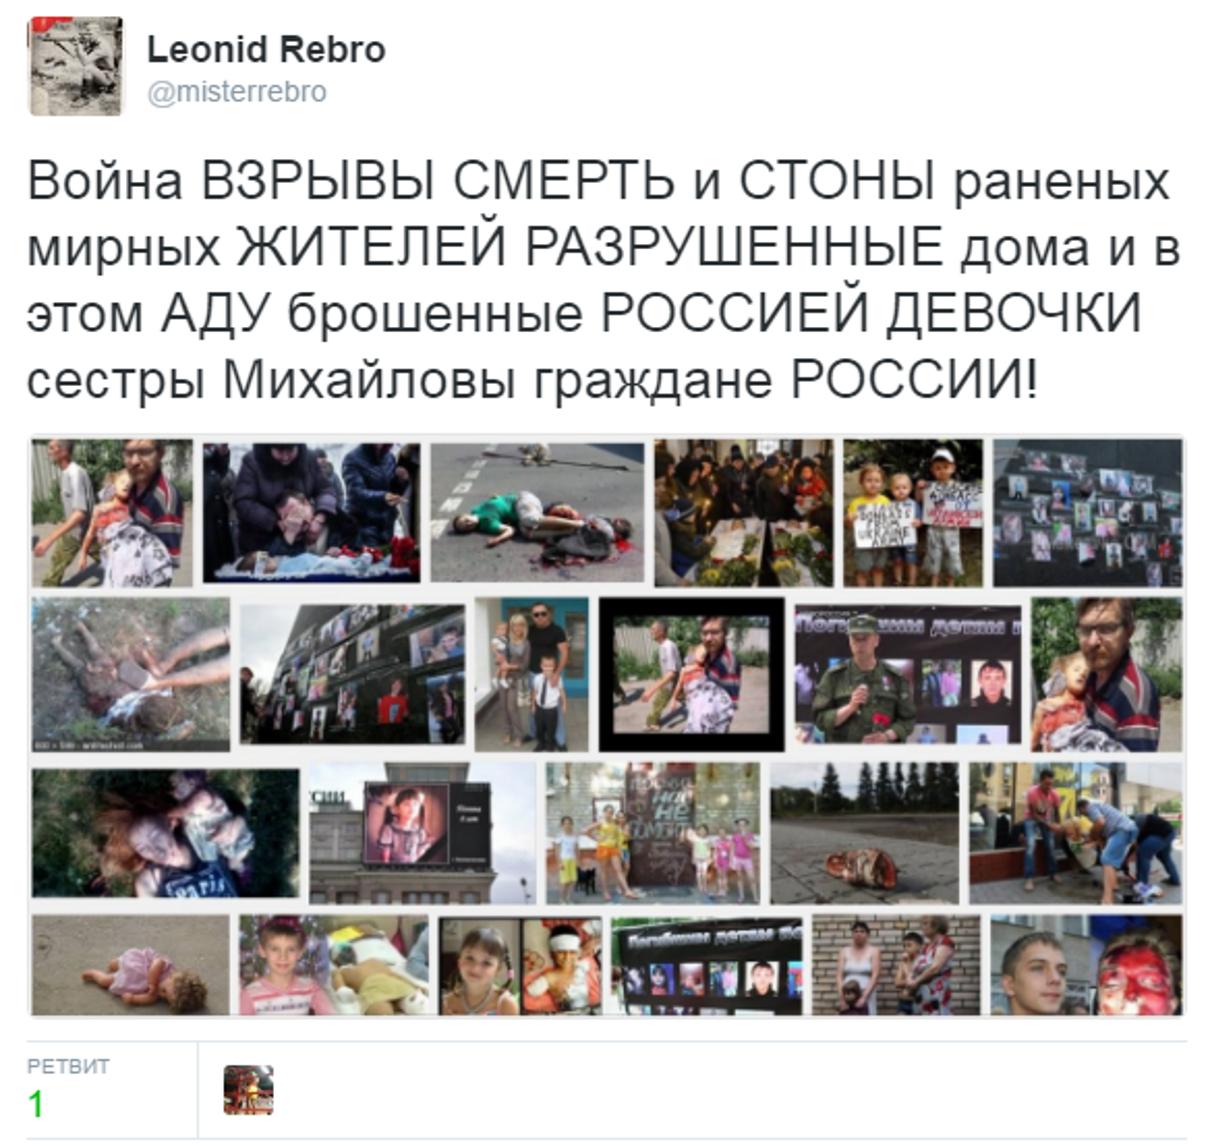 Жалоба-отзыв: Прокуратура РФ - Вы видели смерть в 17-ть лет?.  Фото №5